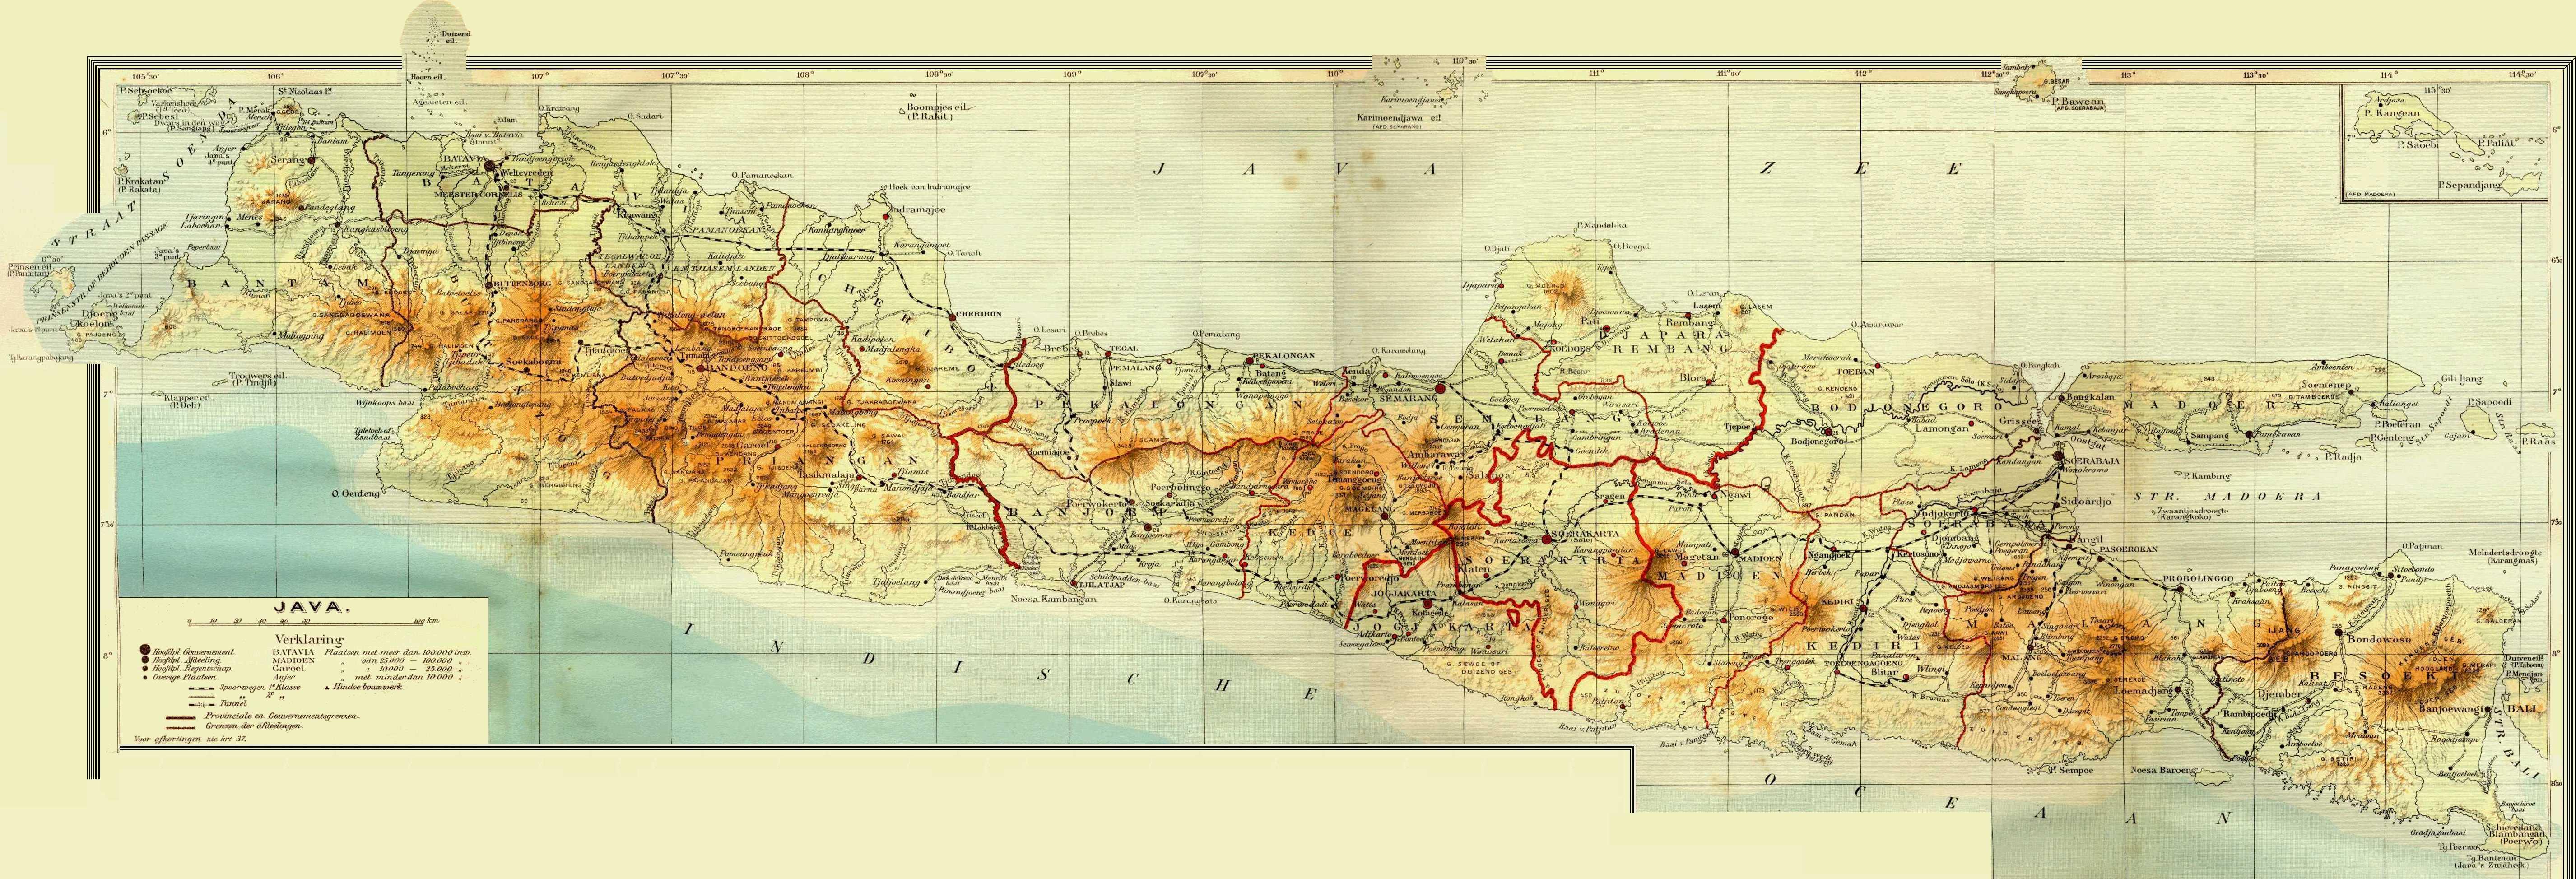 the city of batavia now called jakarta java 254 kb the city of semerang java 109 kb the city of soerabaja java 154 kb